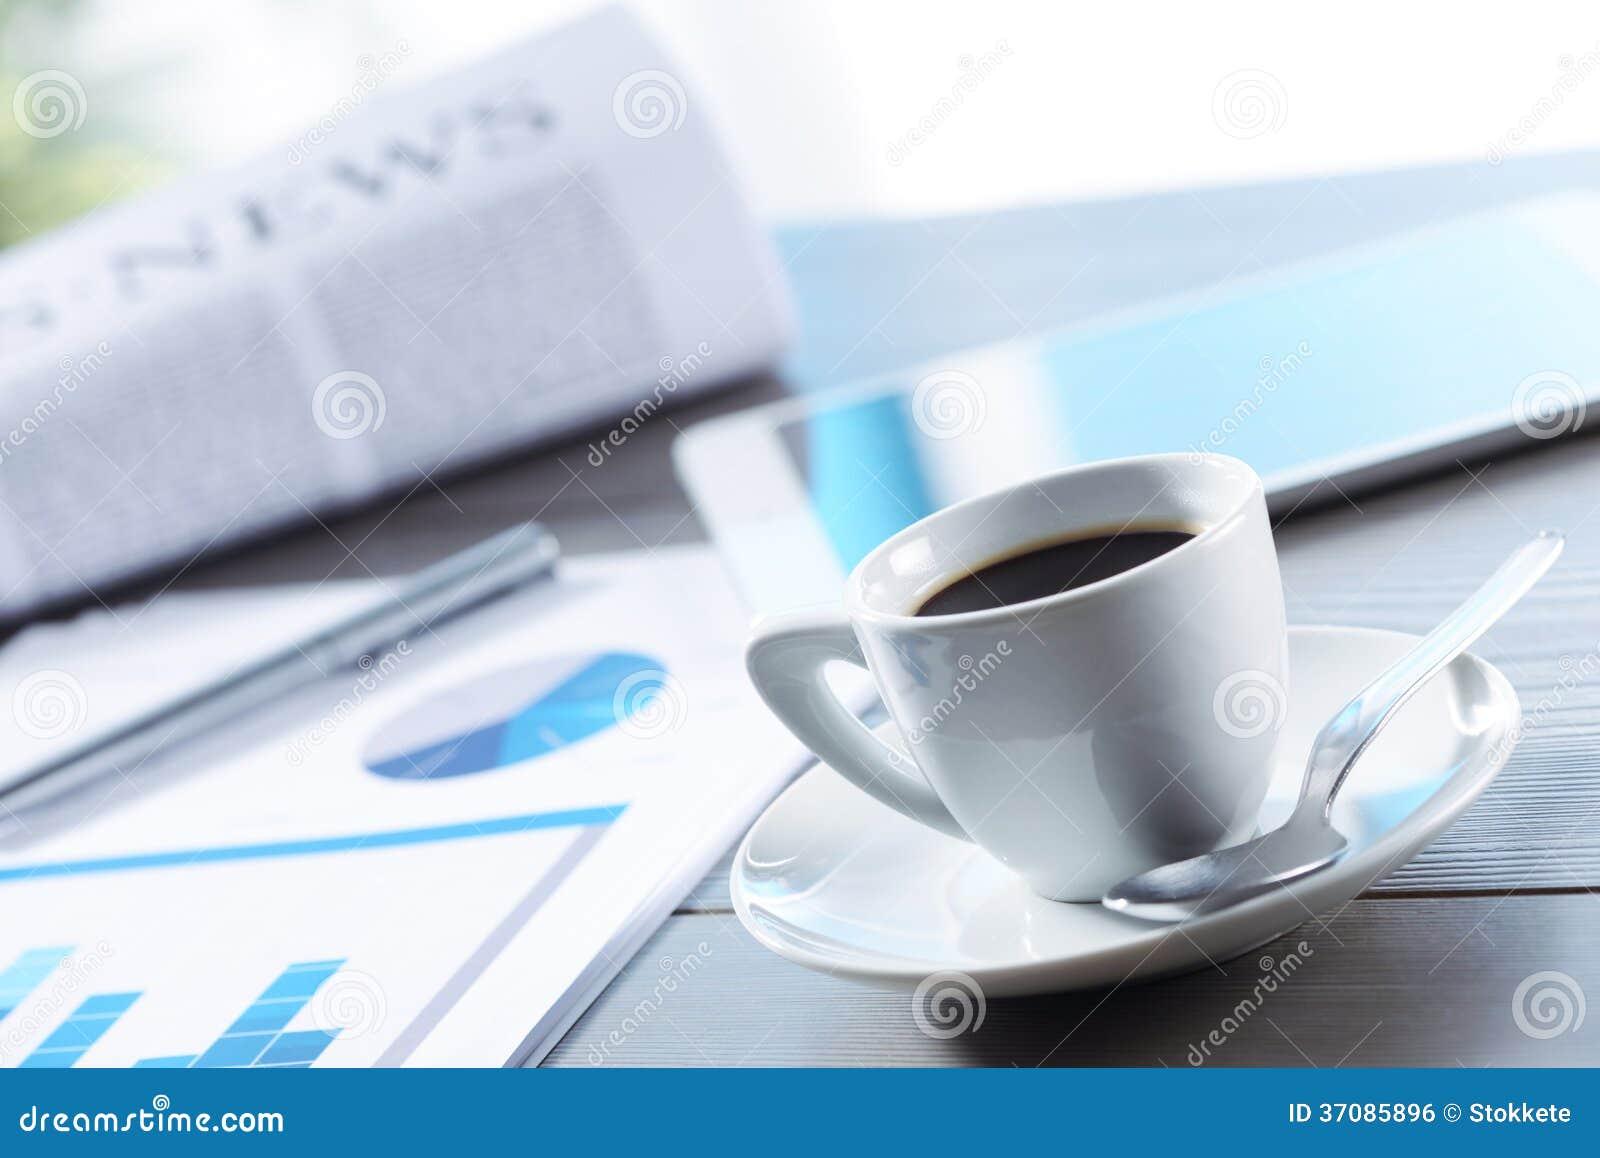 Download Coffe przerwa przy pracą zdjęcie stock. Obraz złożonej z pióro - 37085896